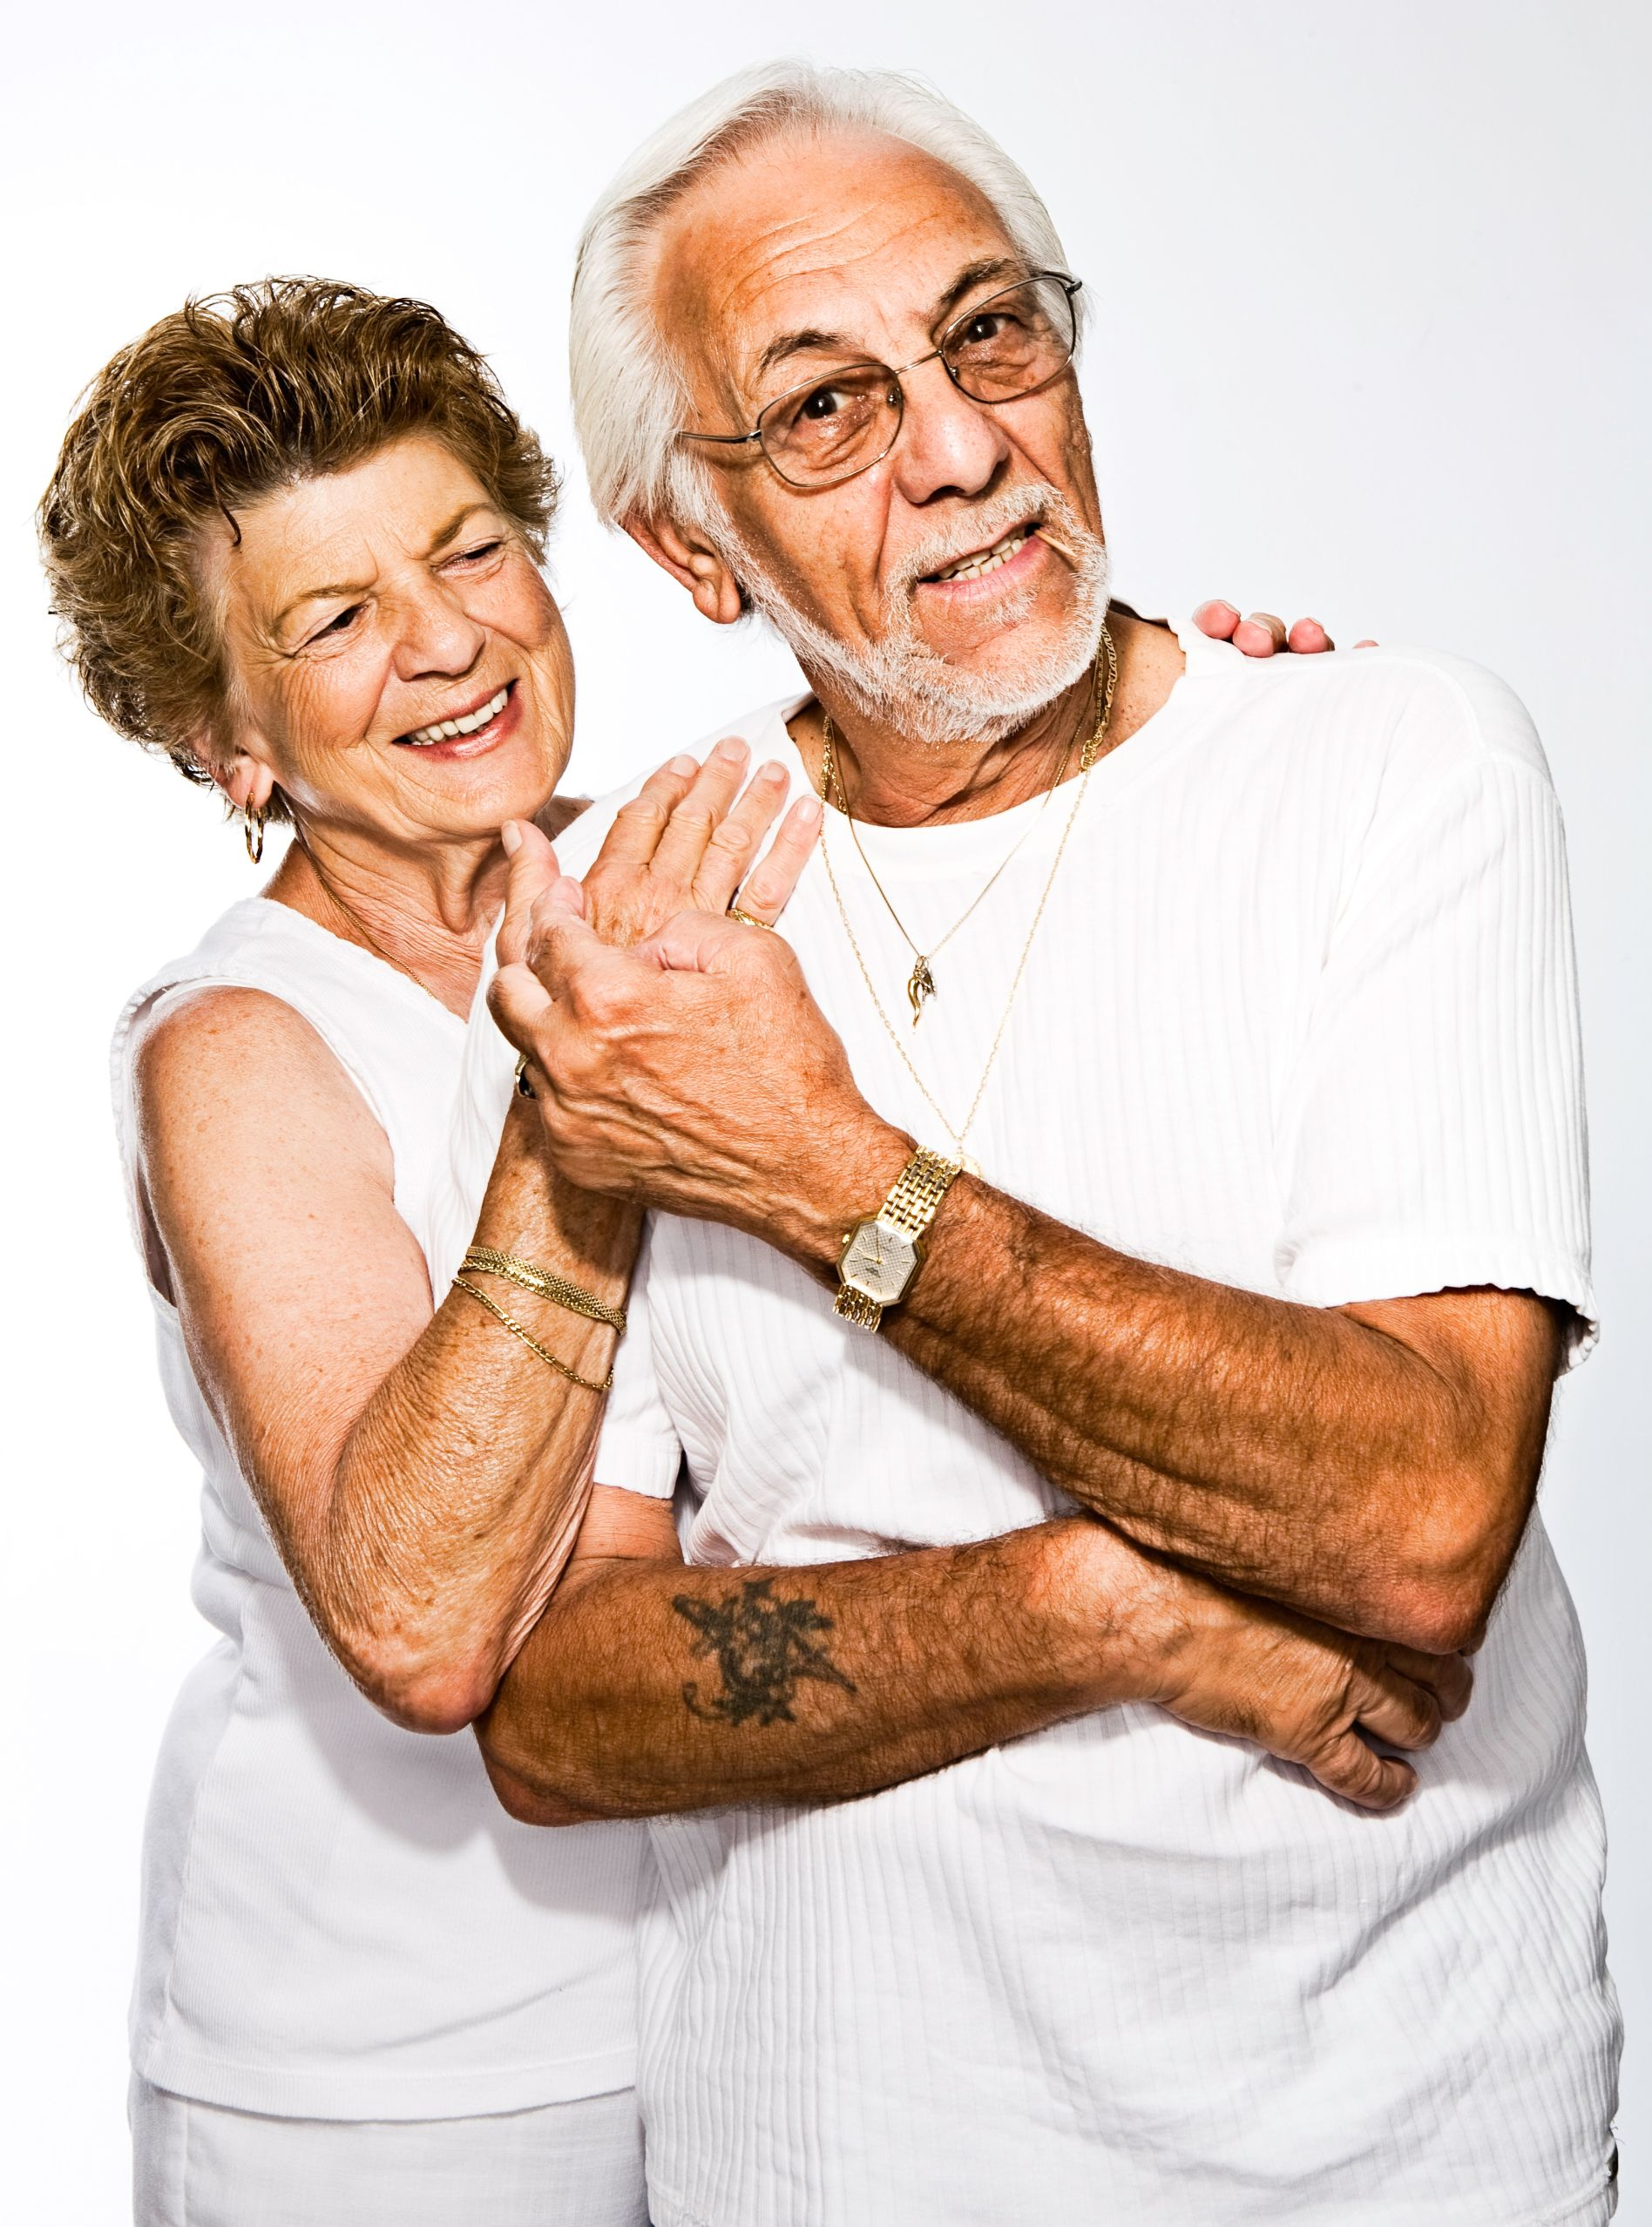 Dzień Babci i Dziadka. Z jakimi problemami stomatologicznymi borykają się nasi Dziadkowie